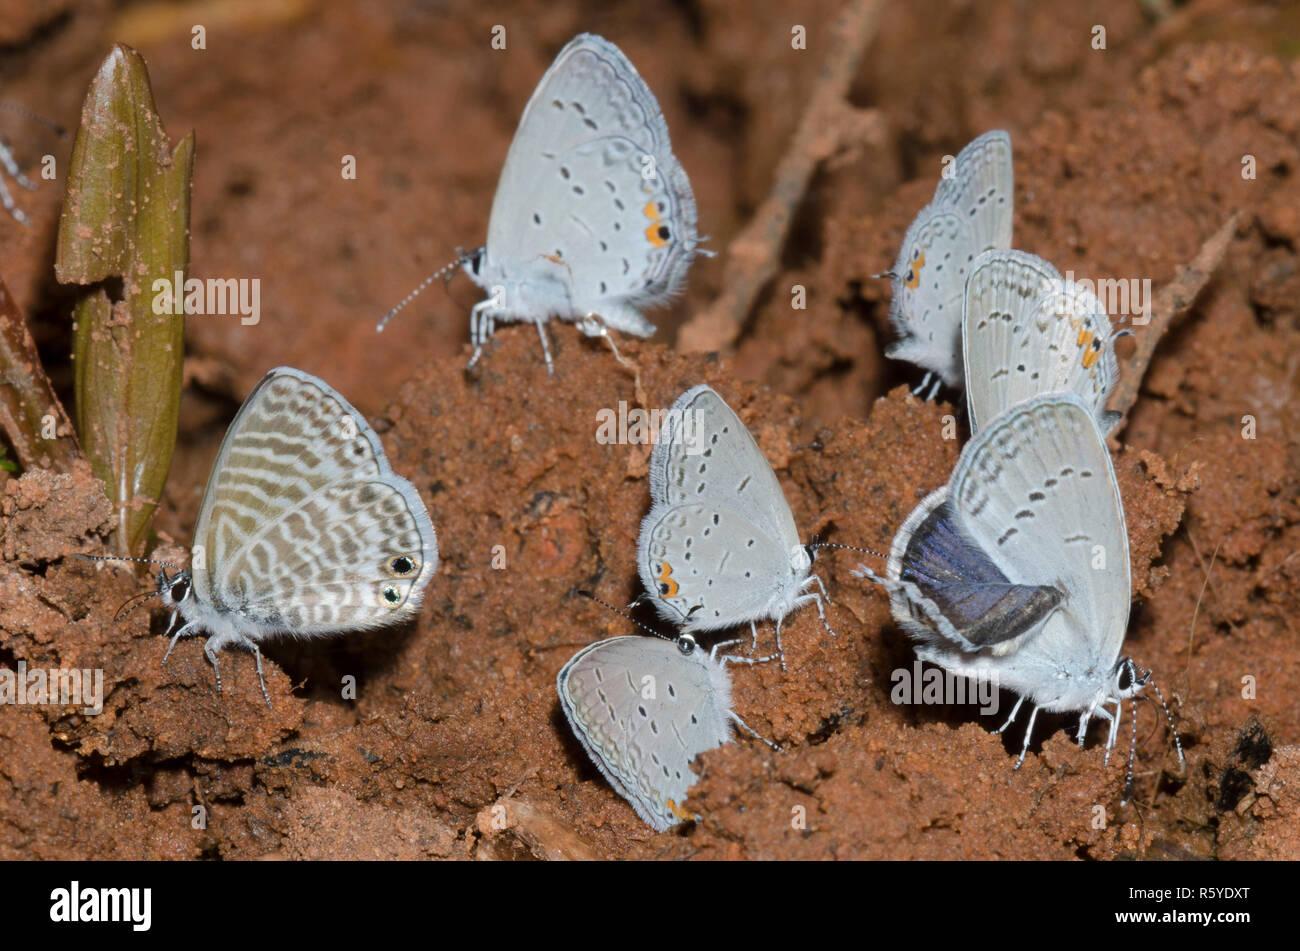 Los charcos de barro Blues, Azul Marino, Leptotes marina, y Oriental-tailed blues, Cupido comyntas Foto de stock